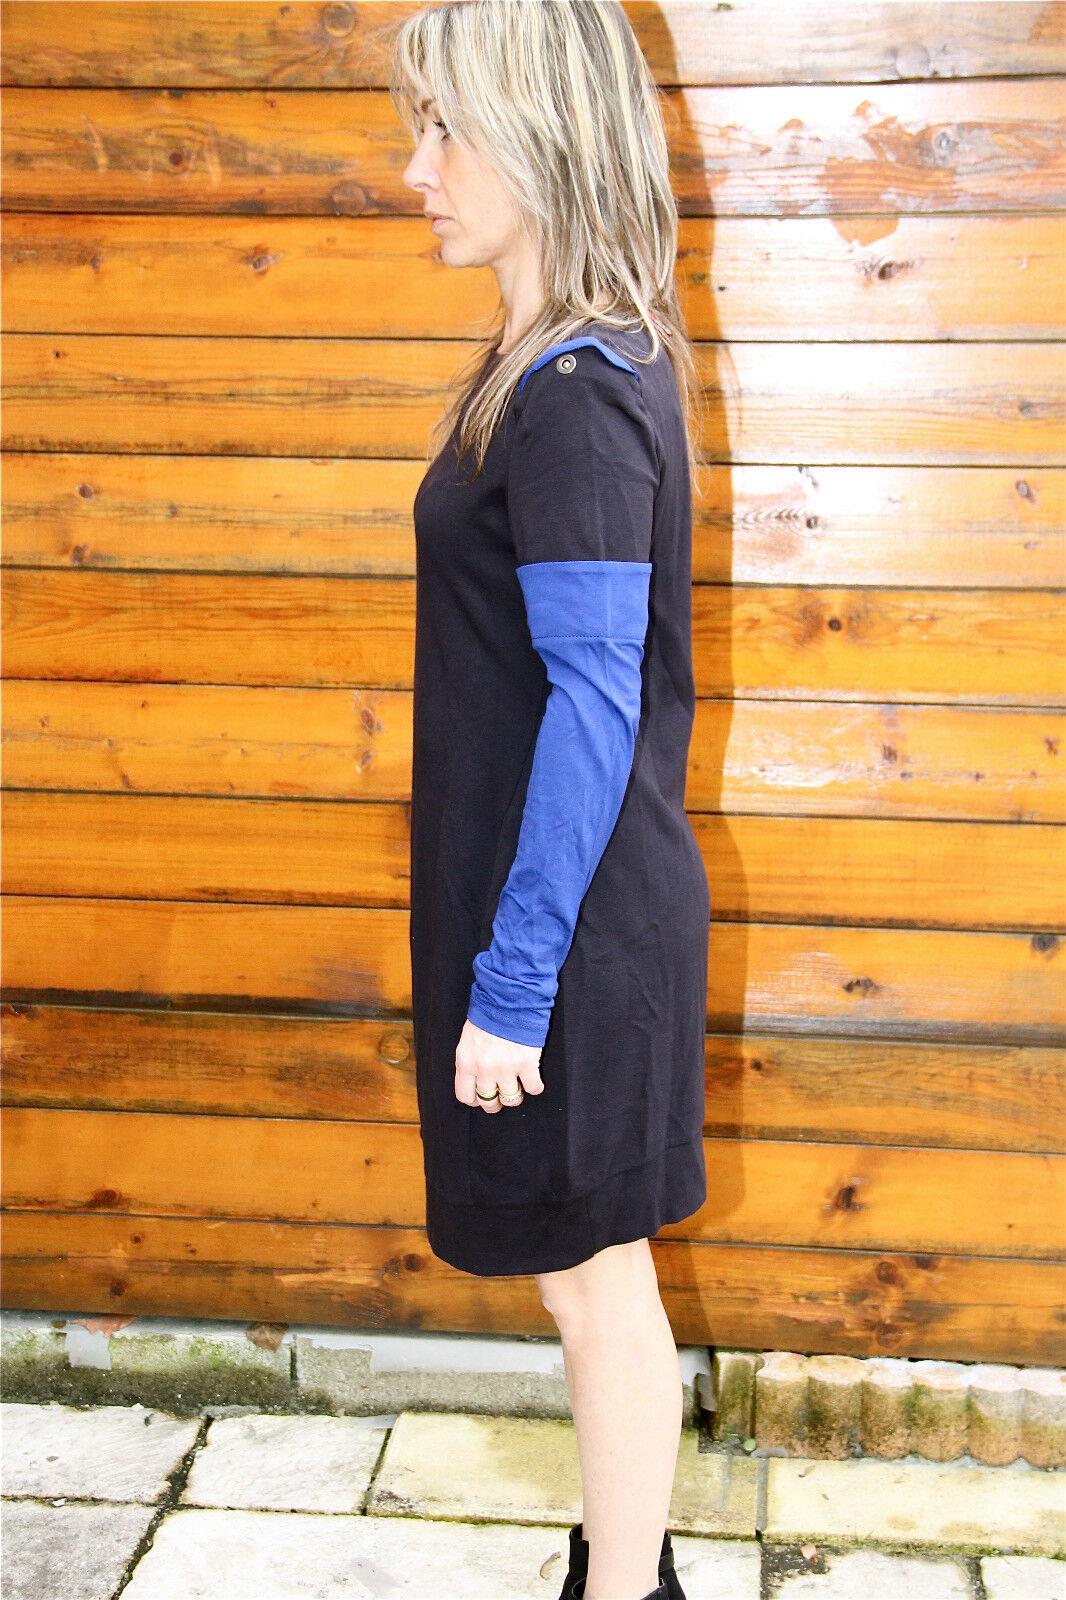 Dress robe tunique bicolor M& FRANCOIS GIRBAUD sleevescope T 44 44 44 NEUVE ÉTIQUETTE 48fe7c